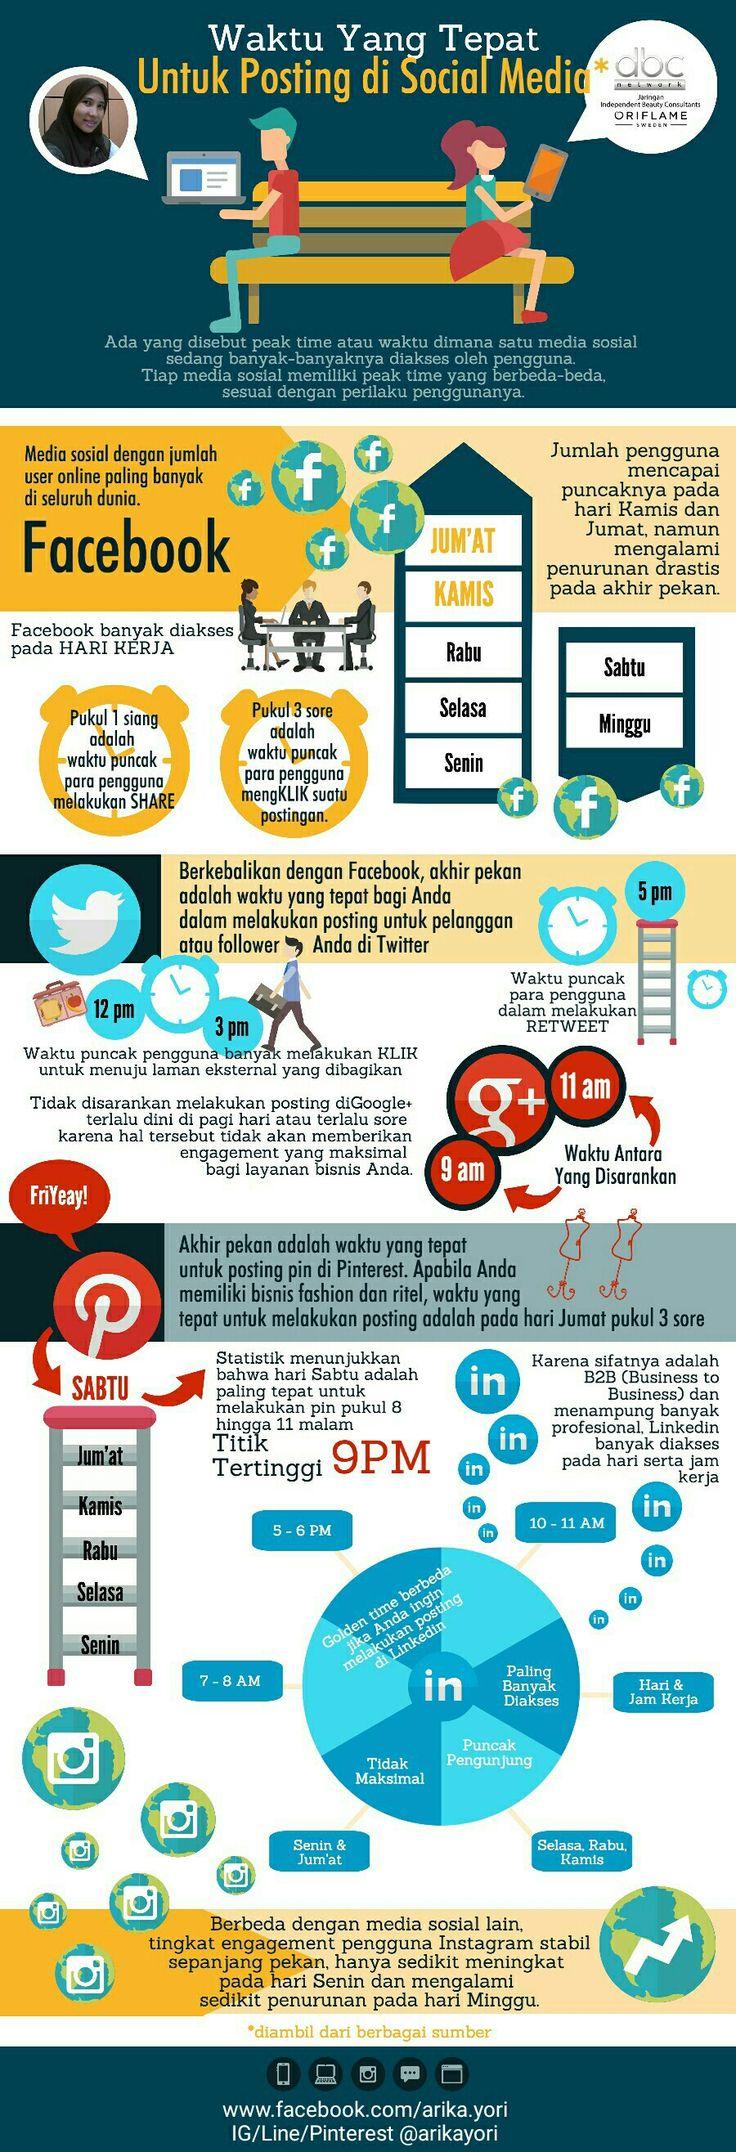 Waktu Yang Tepat Untuk Posting di Social Media